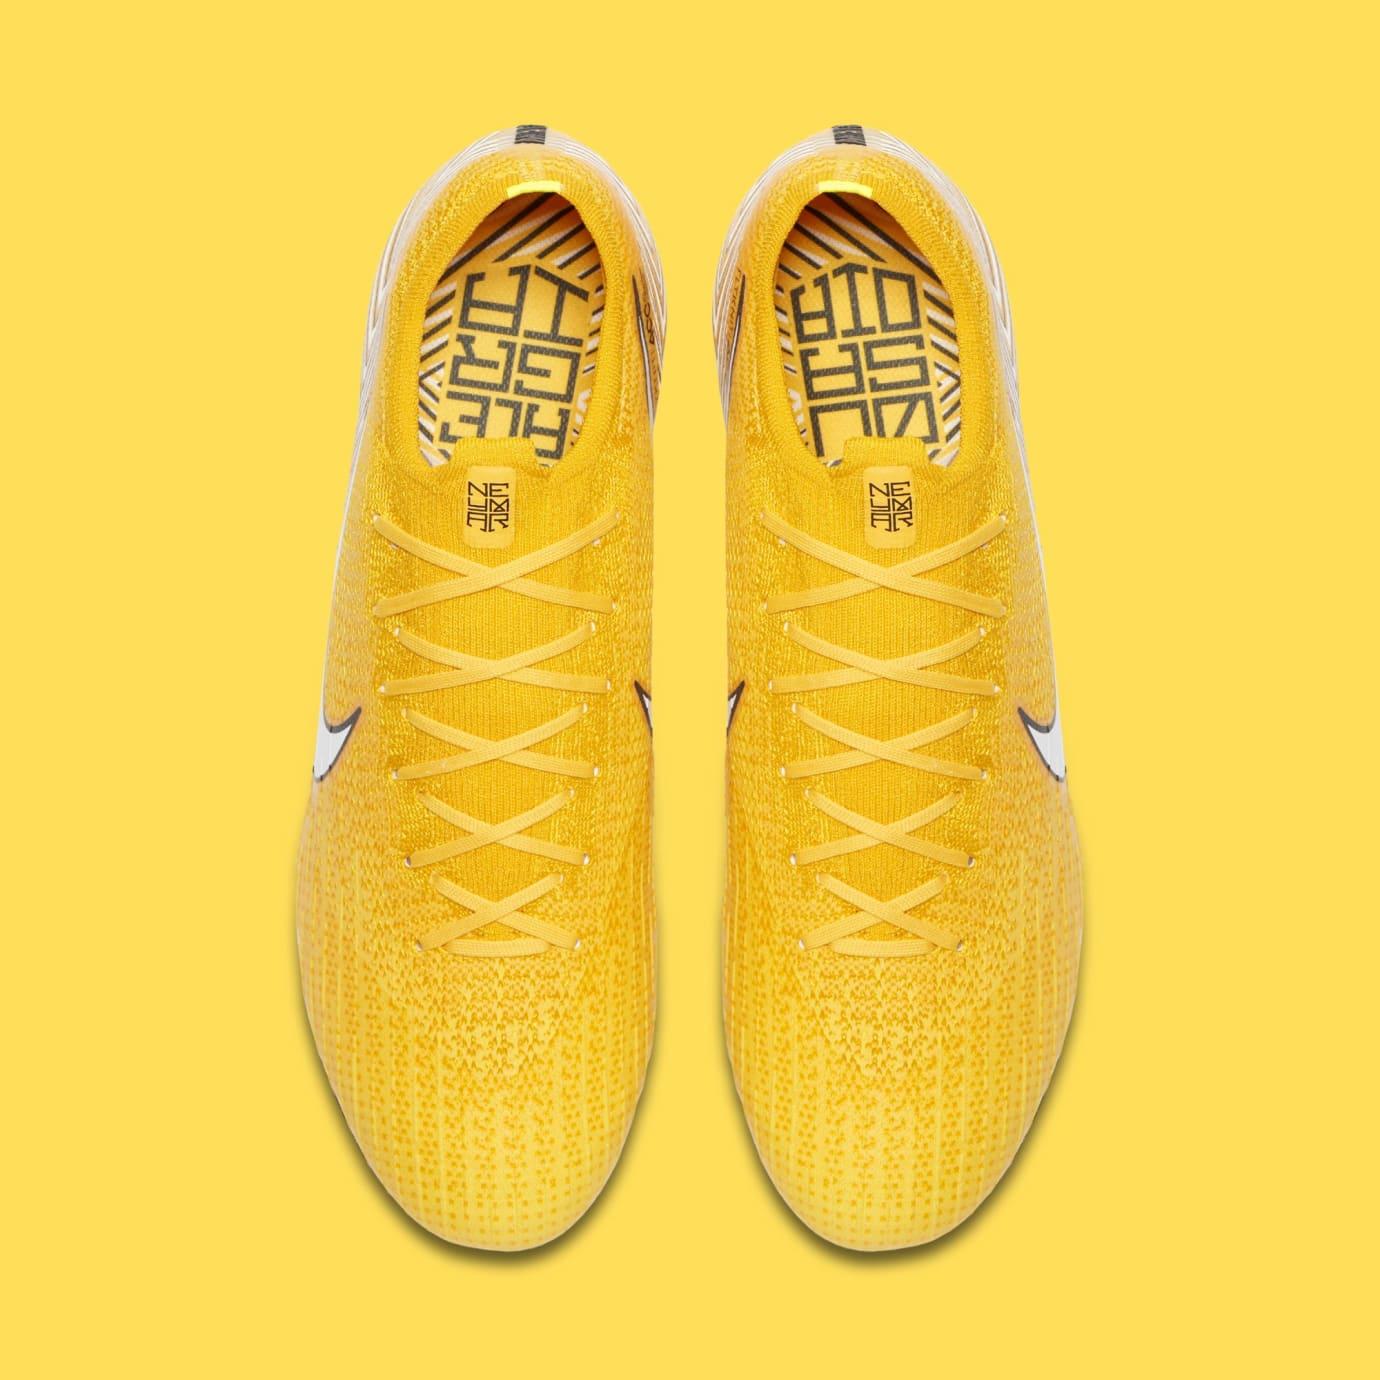 3463ca264 Image via Nike Nike Mercurial Vapor 360  Meu Jogo  Neymar Jr. AO3126-710  (Top